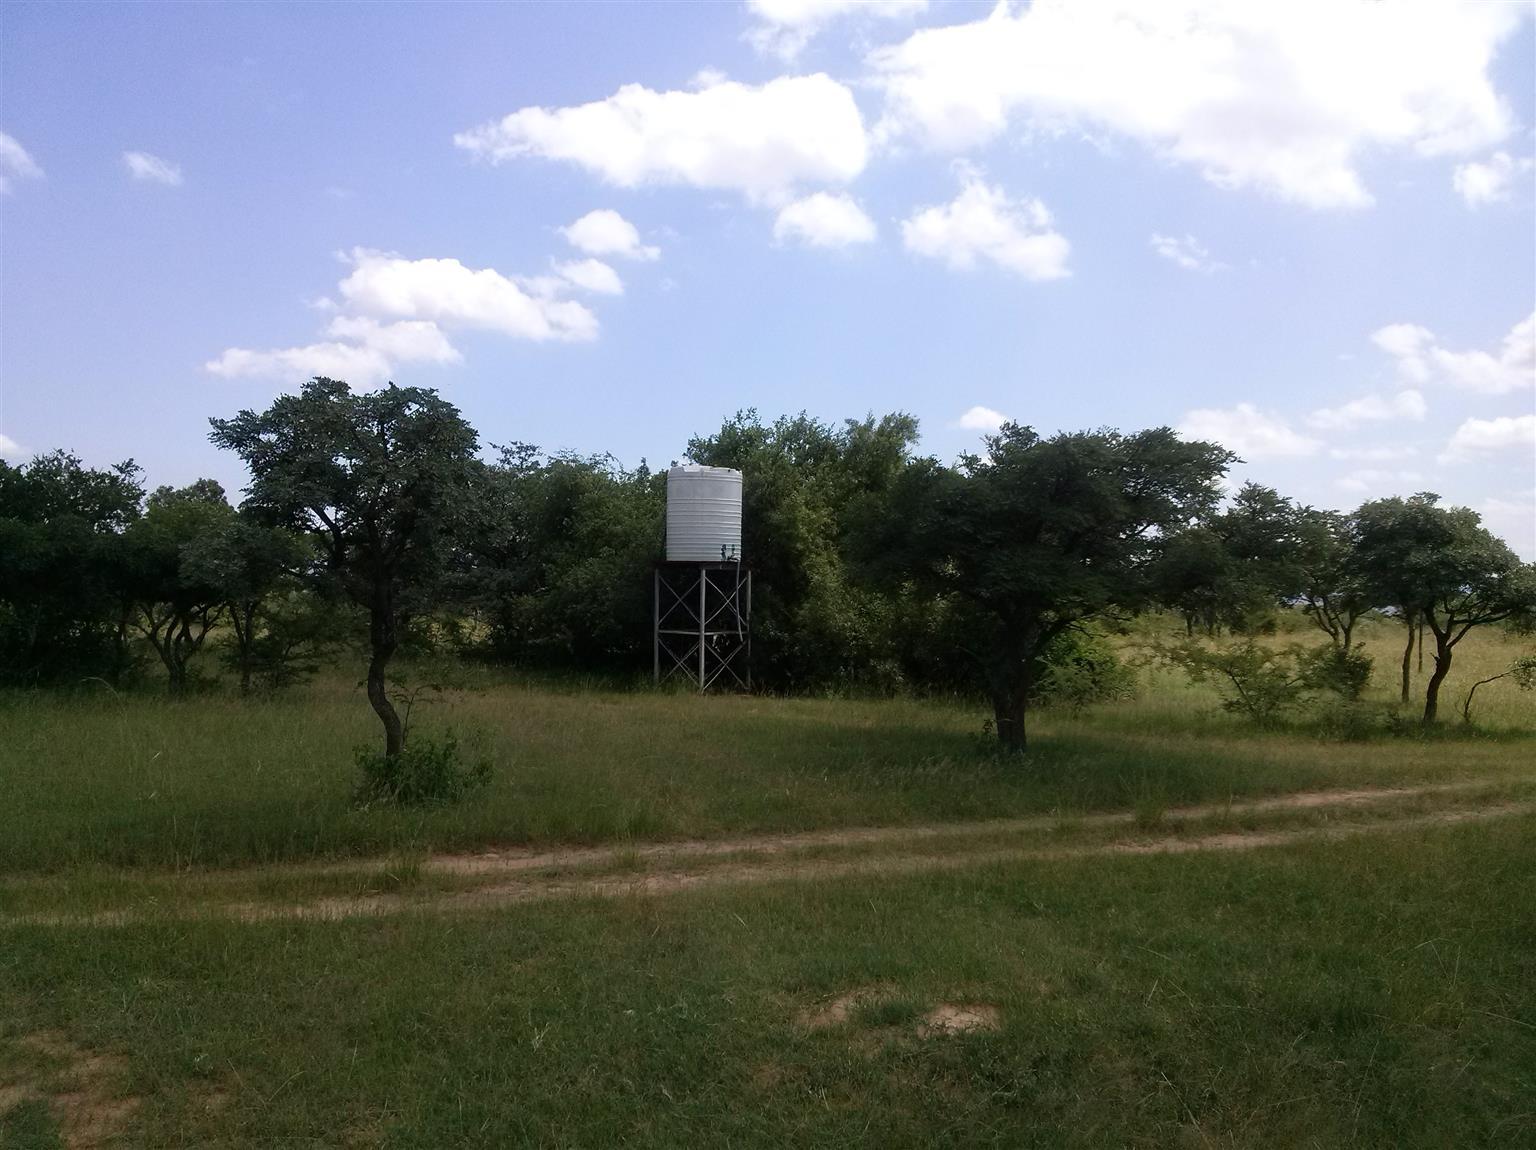 1Ha(10,000sqm) plot available between Pretoria and Hammanskraal